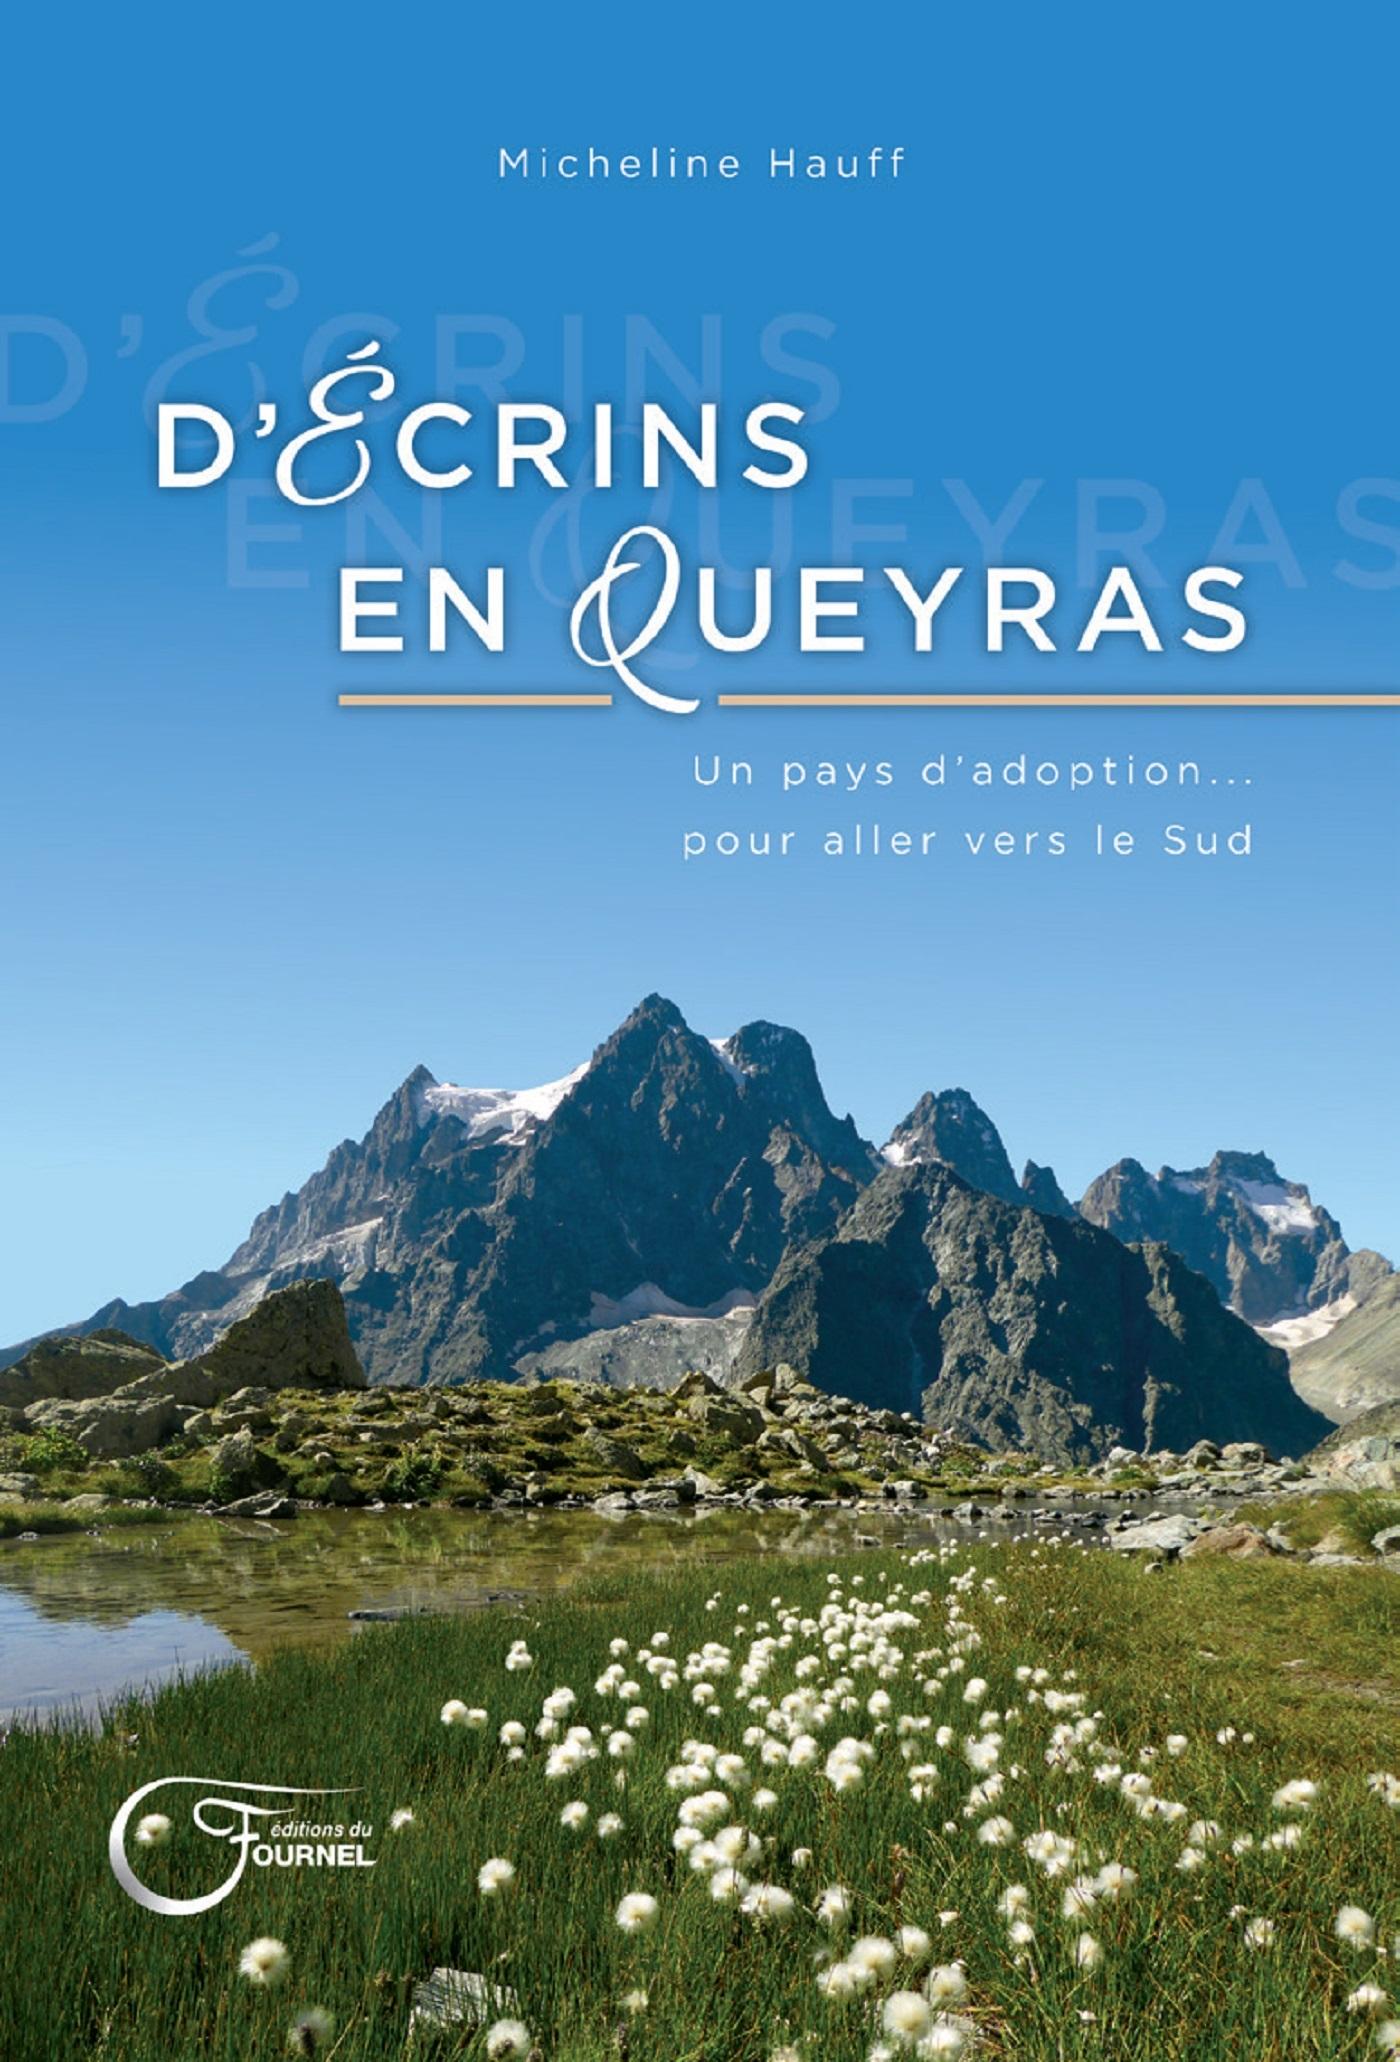 D'ECRINS EN QUEYRAS - UN PAYS D'ADOPTION ... POUR ALLER VERS LE SUD